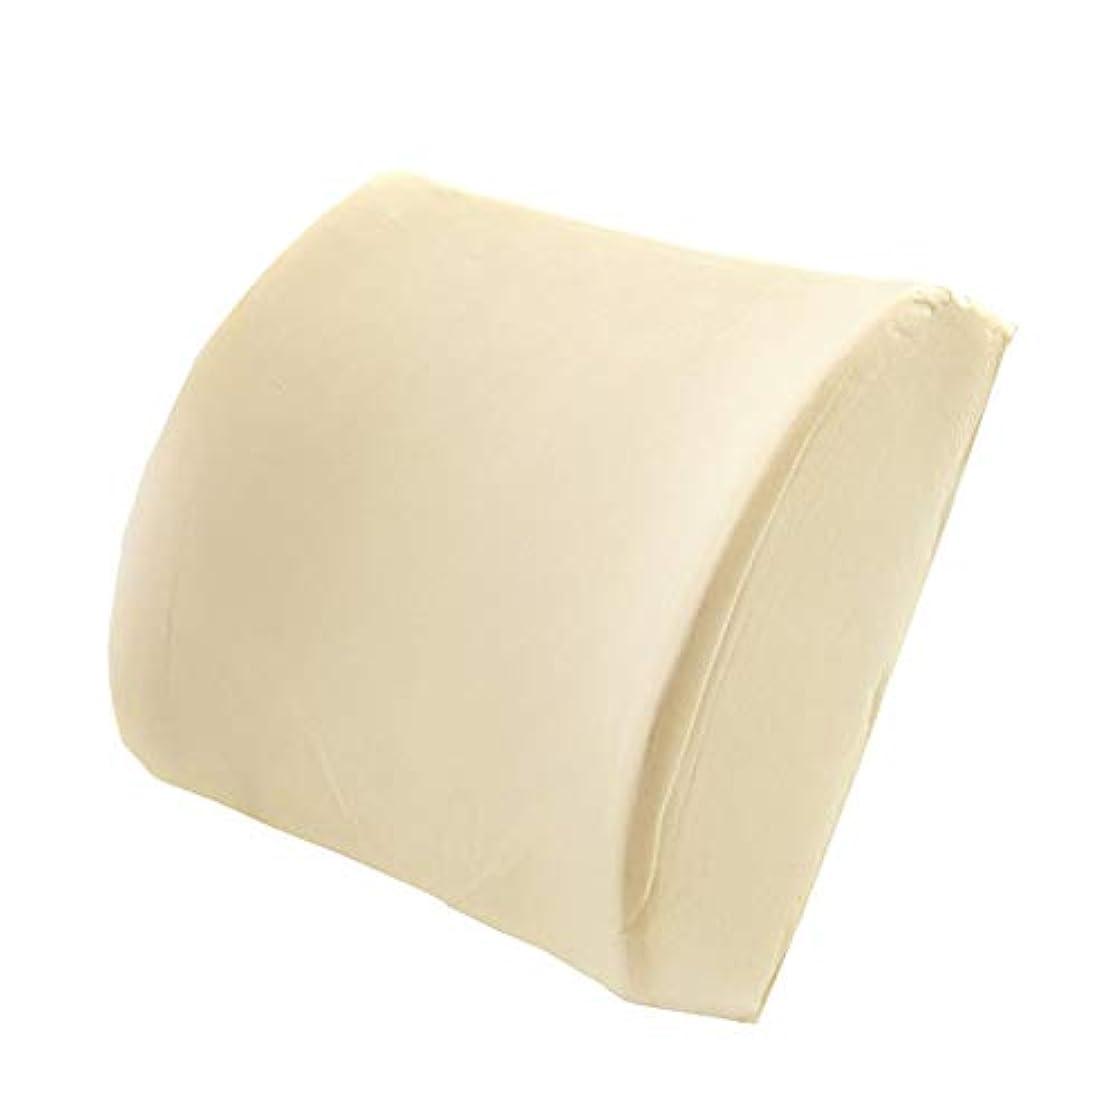 予約同時サポート腰椎枕スペースメモリ綿腰椎腰肥厚オフィスクッションカーウエスト枕